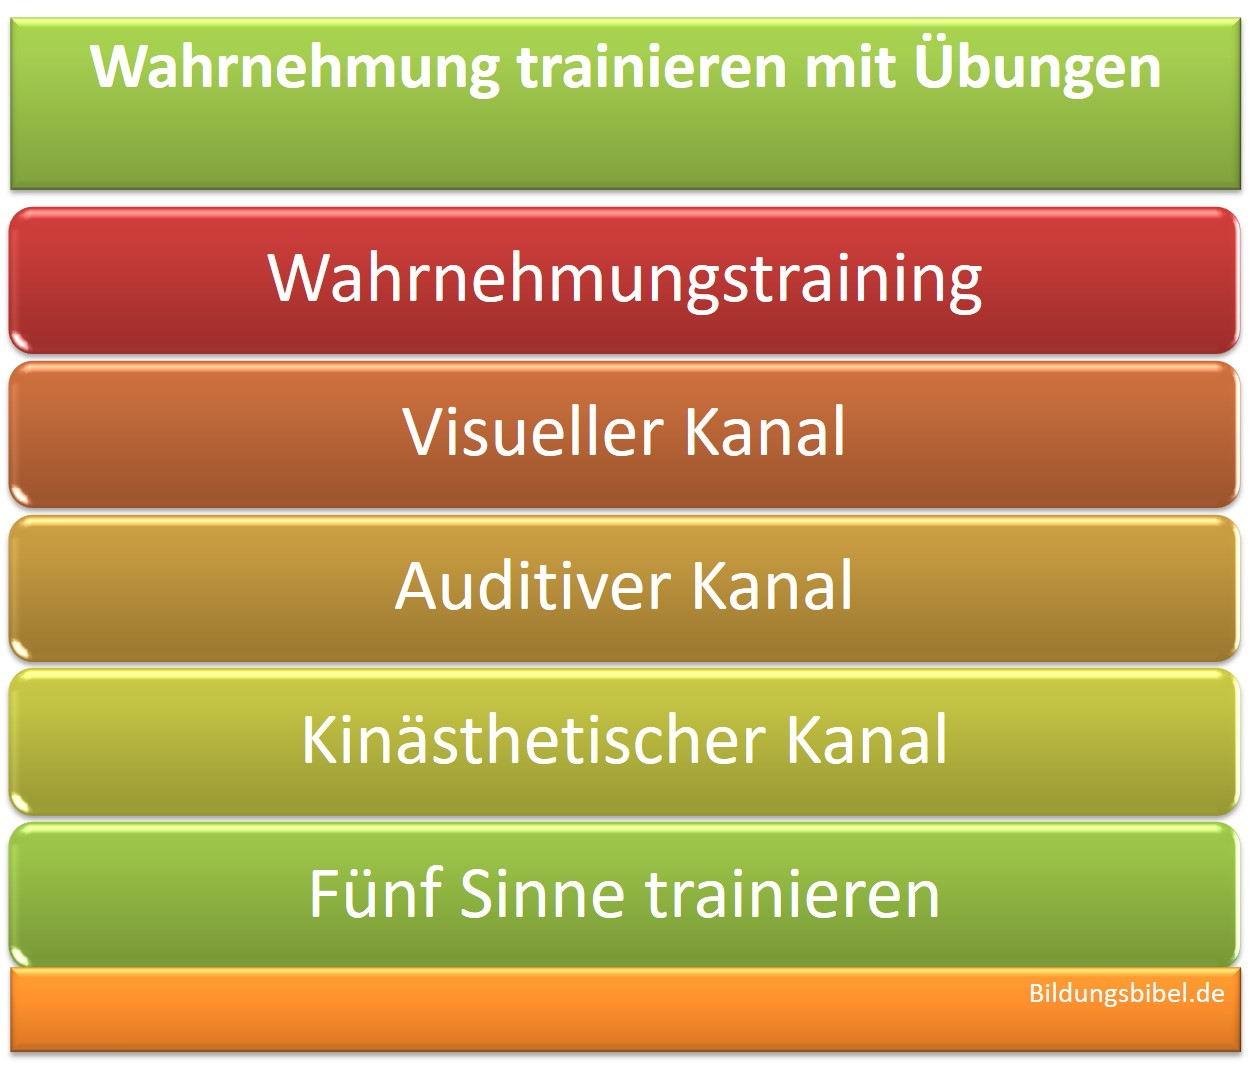 Wahrnehmung Übungen, Wahrnehmungstraining für die auditive, visuelle sowie kinästhetische Wahrnehmung und die fünf Sinne